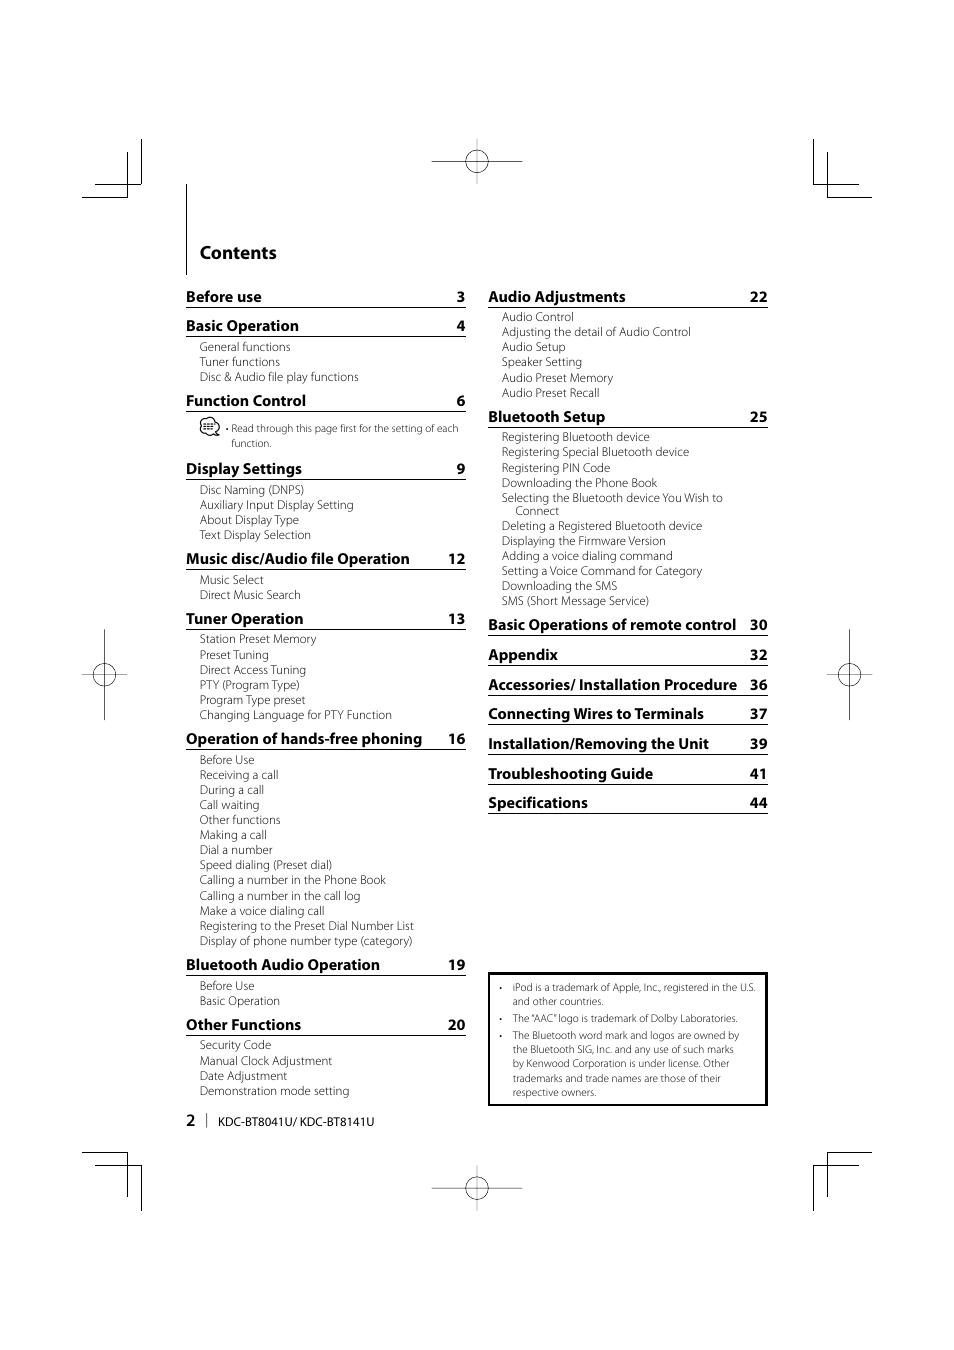 heelal credit verzonden kenwood kdc bt8041u manual